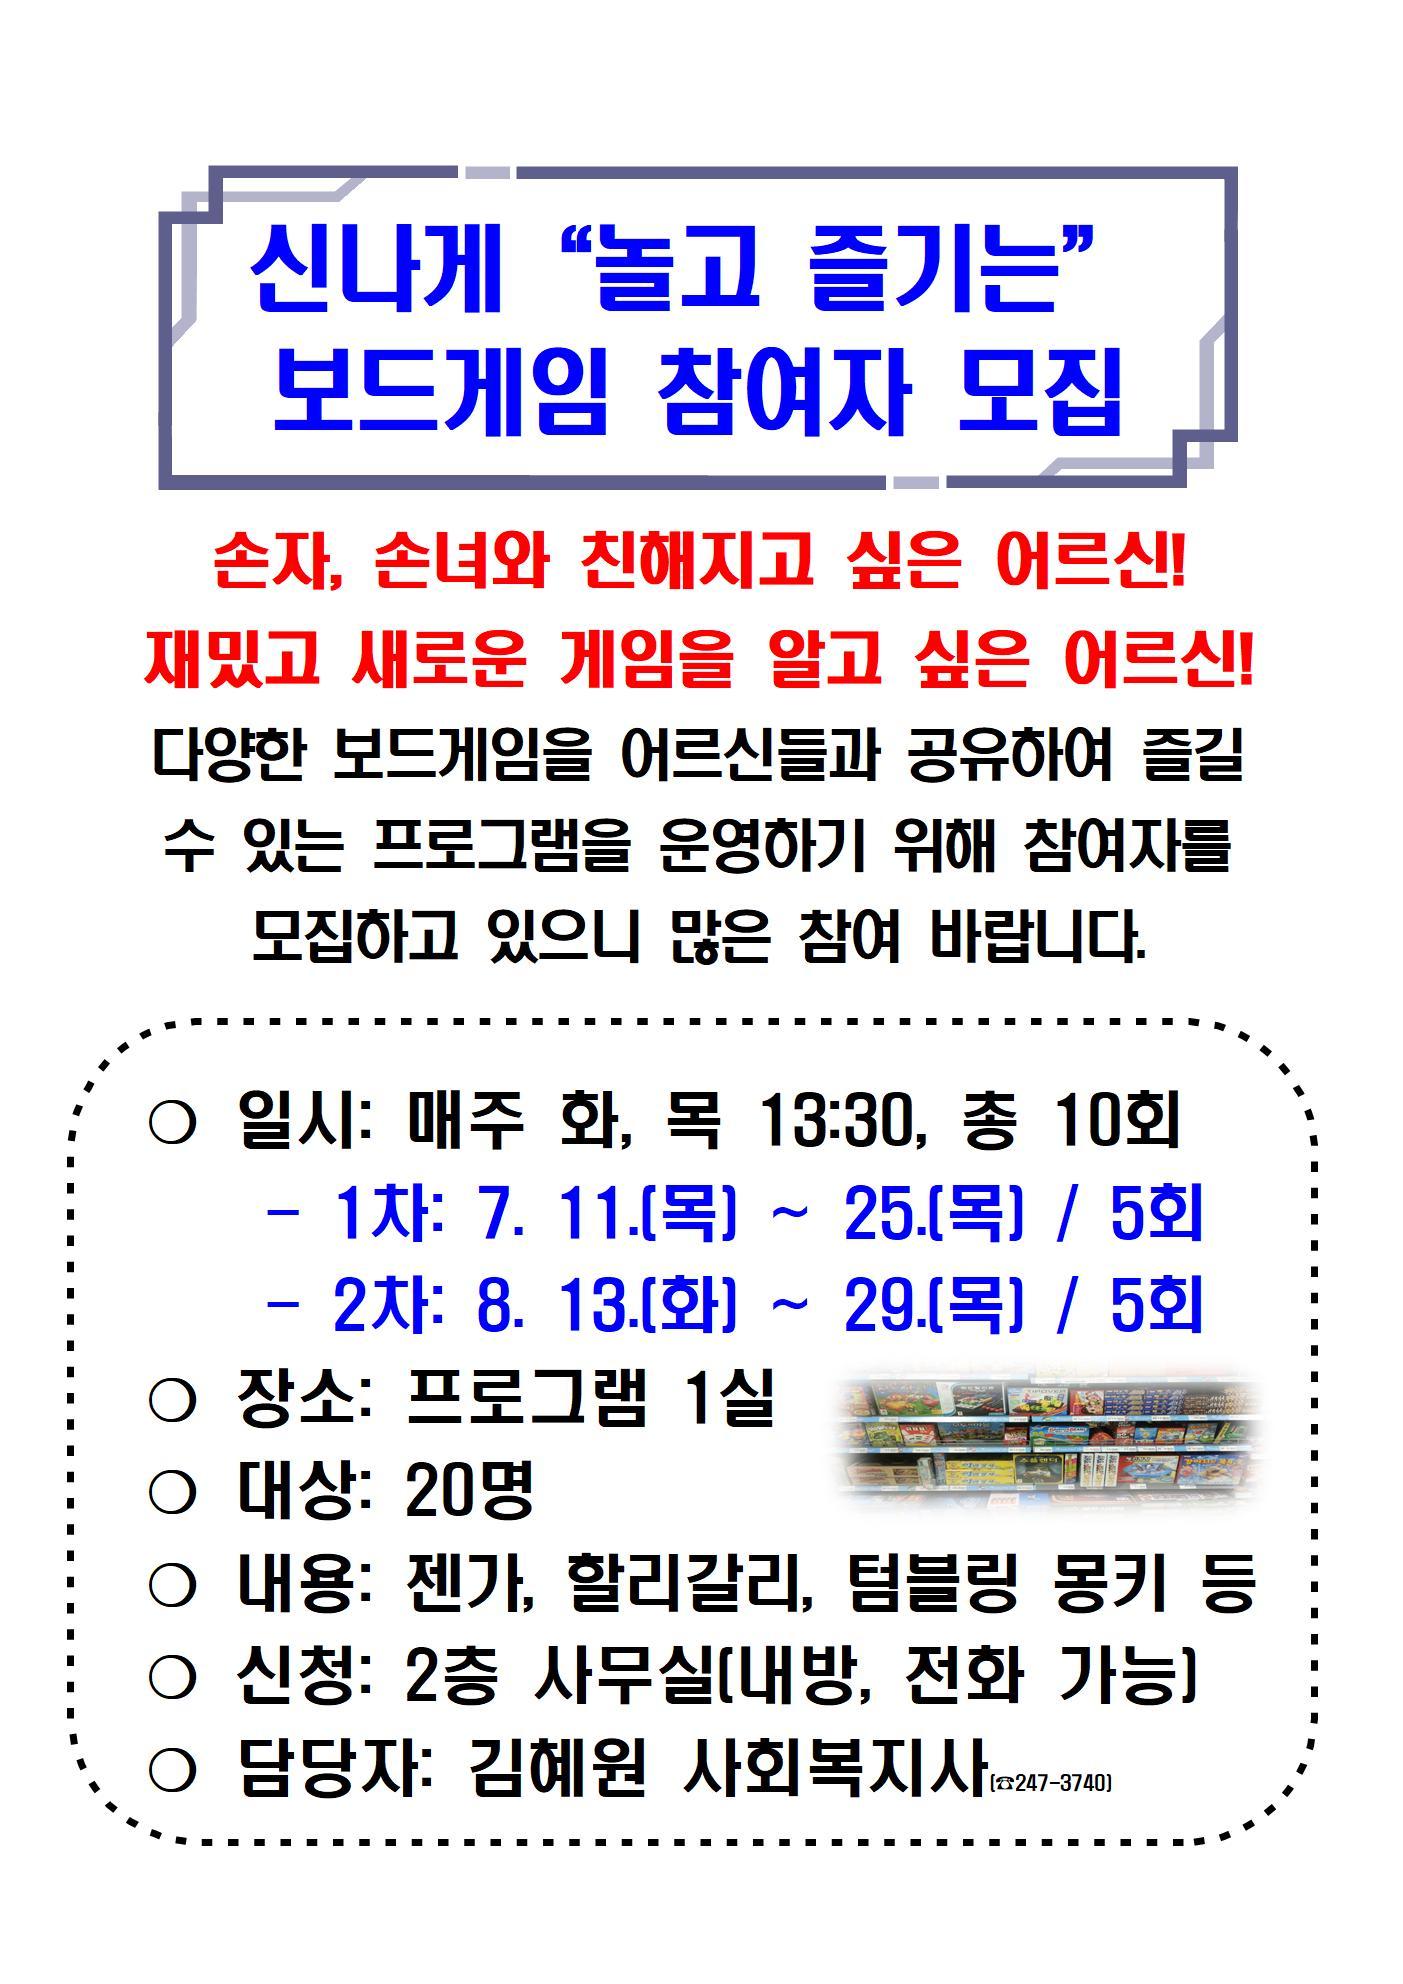 6.신나게 놀고 즐기는 보드게임 참여자 모집001.jpg